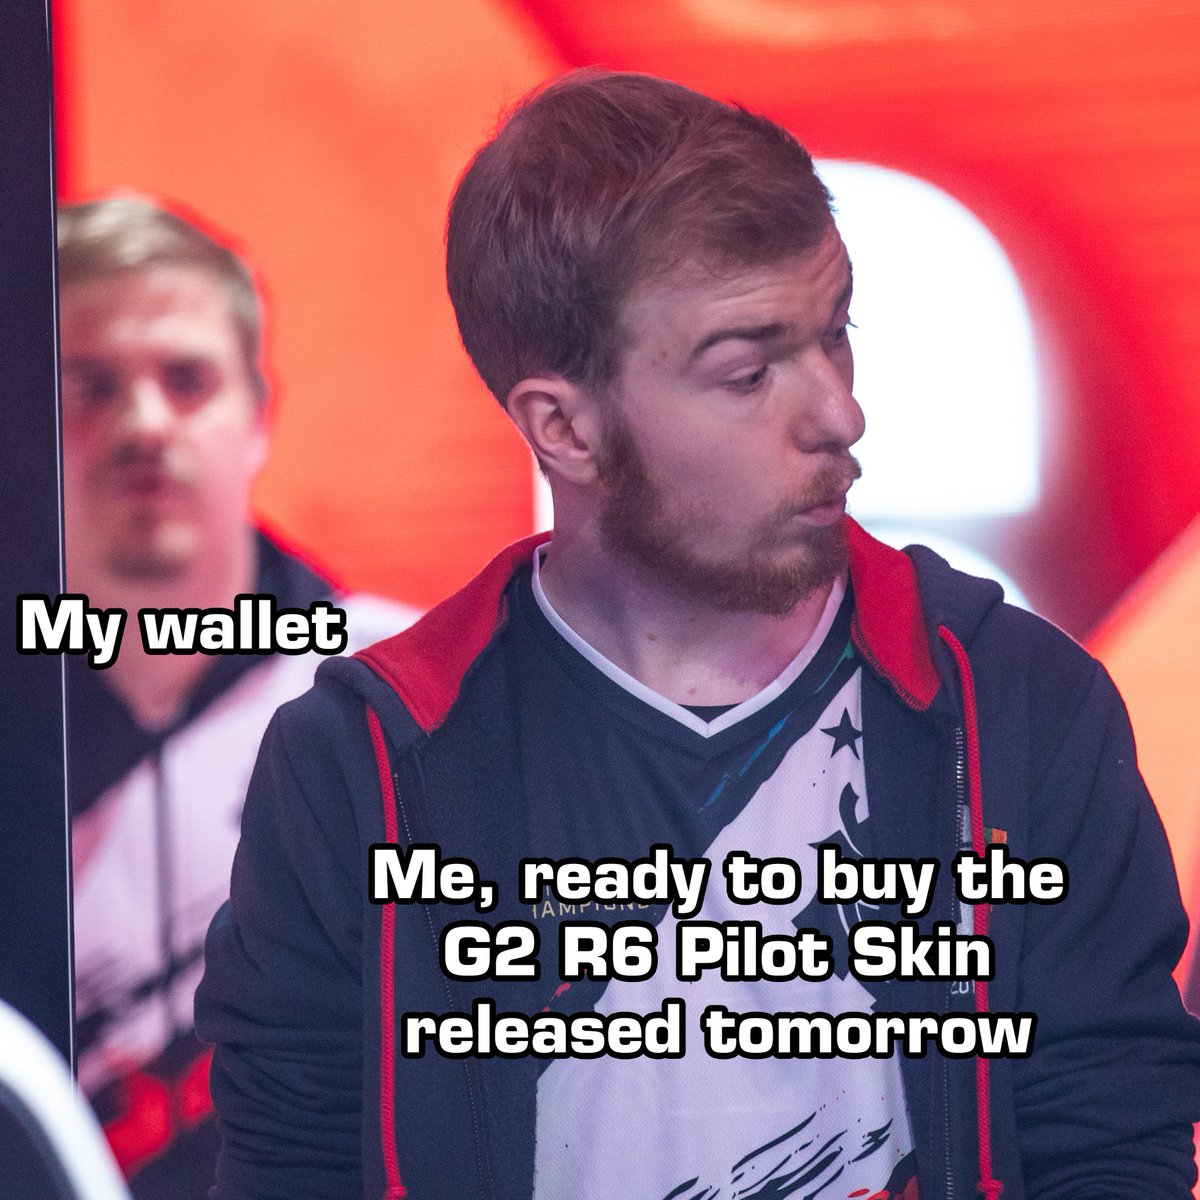 G2 Esports on Twitter: